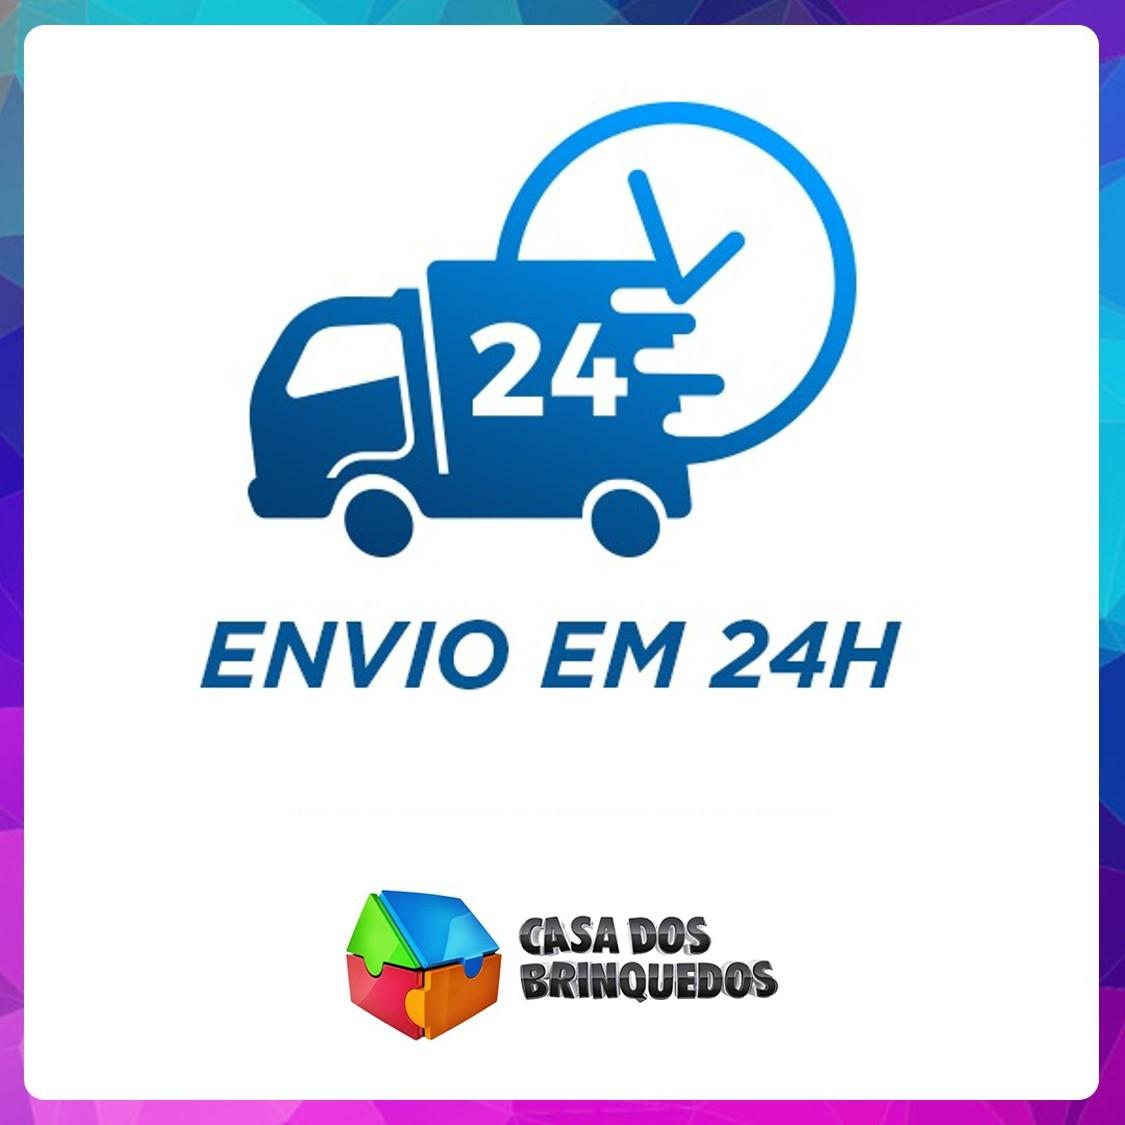 CADEIRINHA BRINKADEIRA FAZENDINHA PARA CRIANÇAS MK312 DISMAT